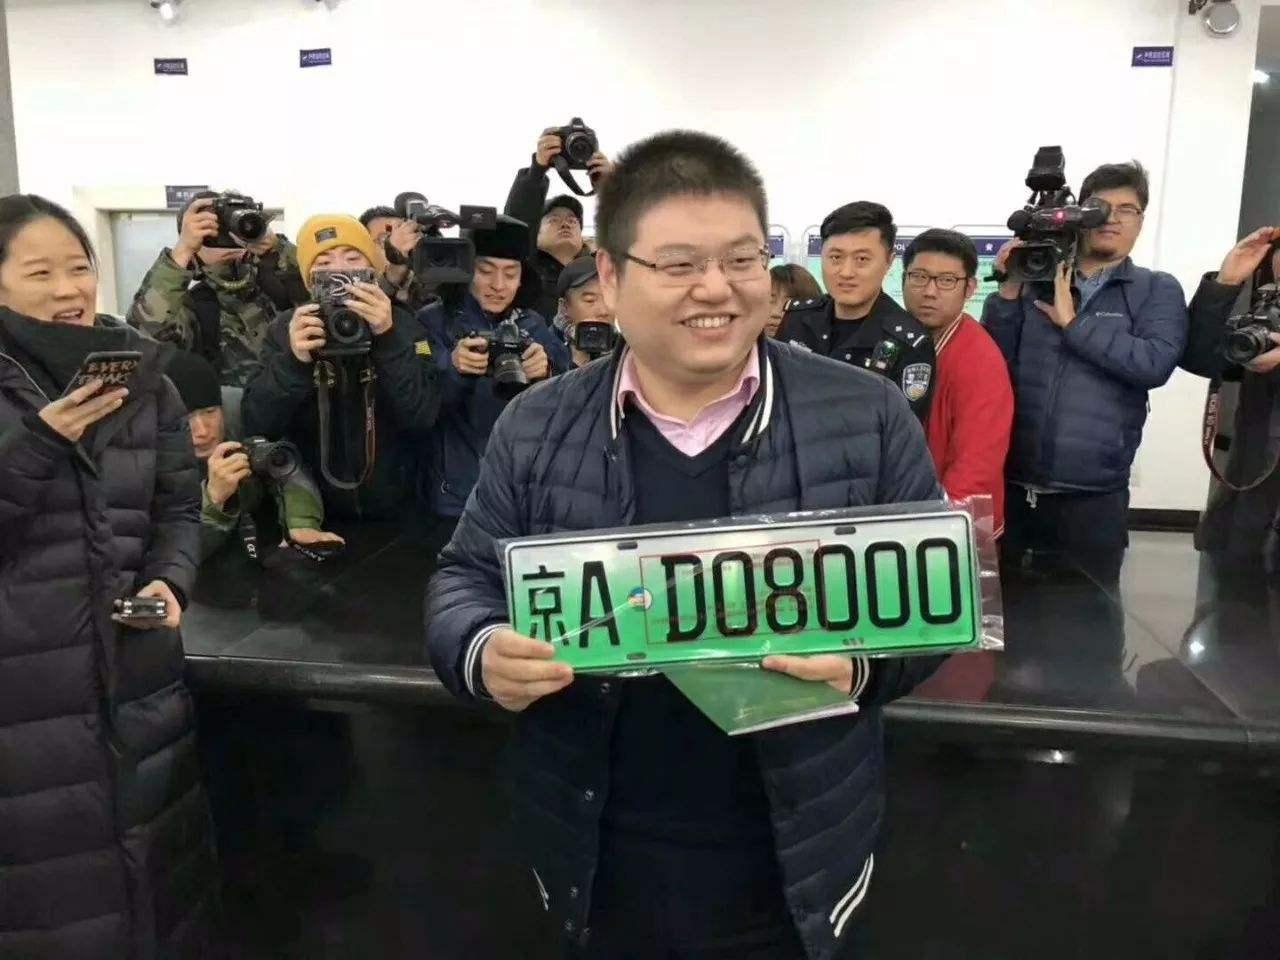 北京首位绿牌主人.jpeg